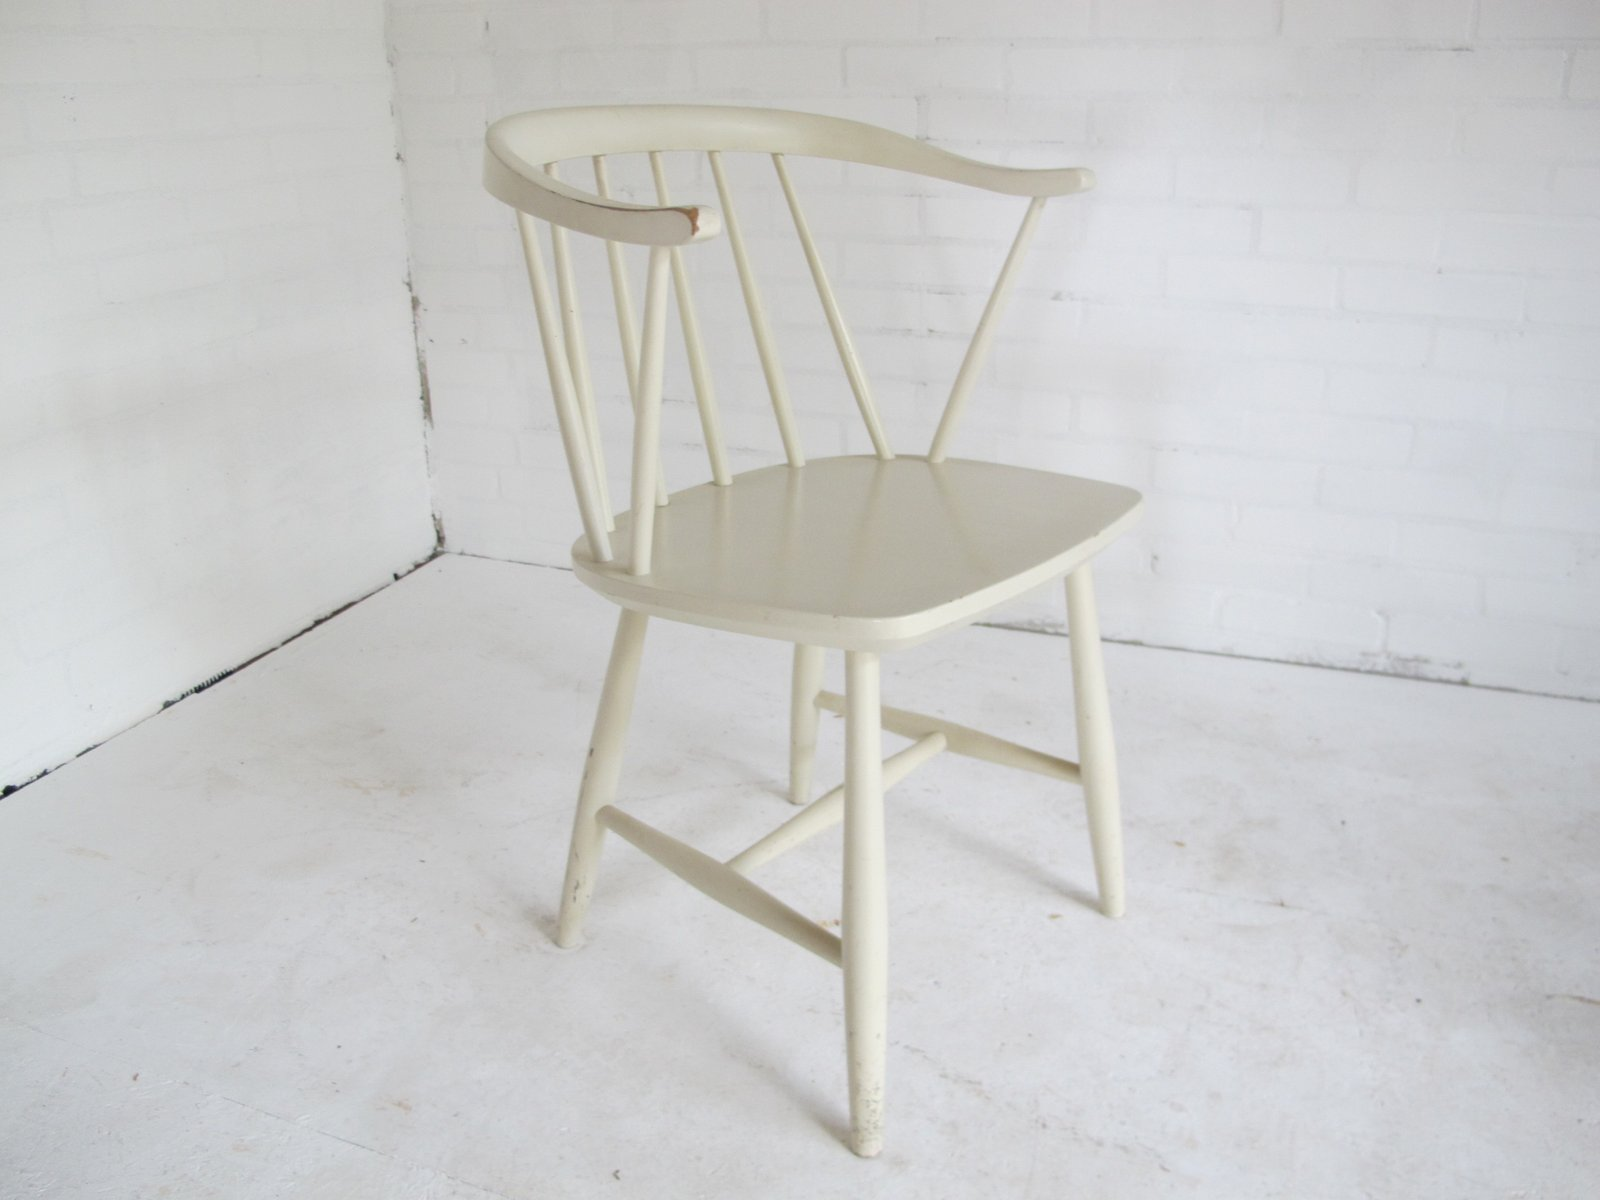 Vintage Spindle Back Side Chair by Yngve Ekström 1950s for sale